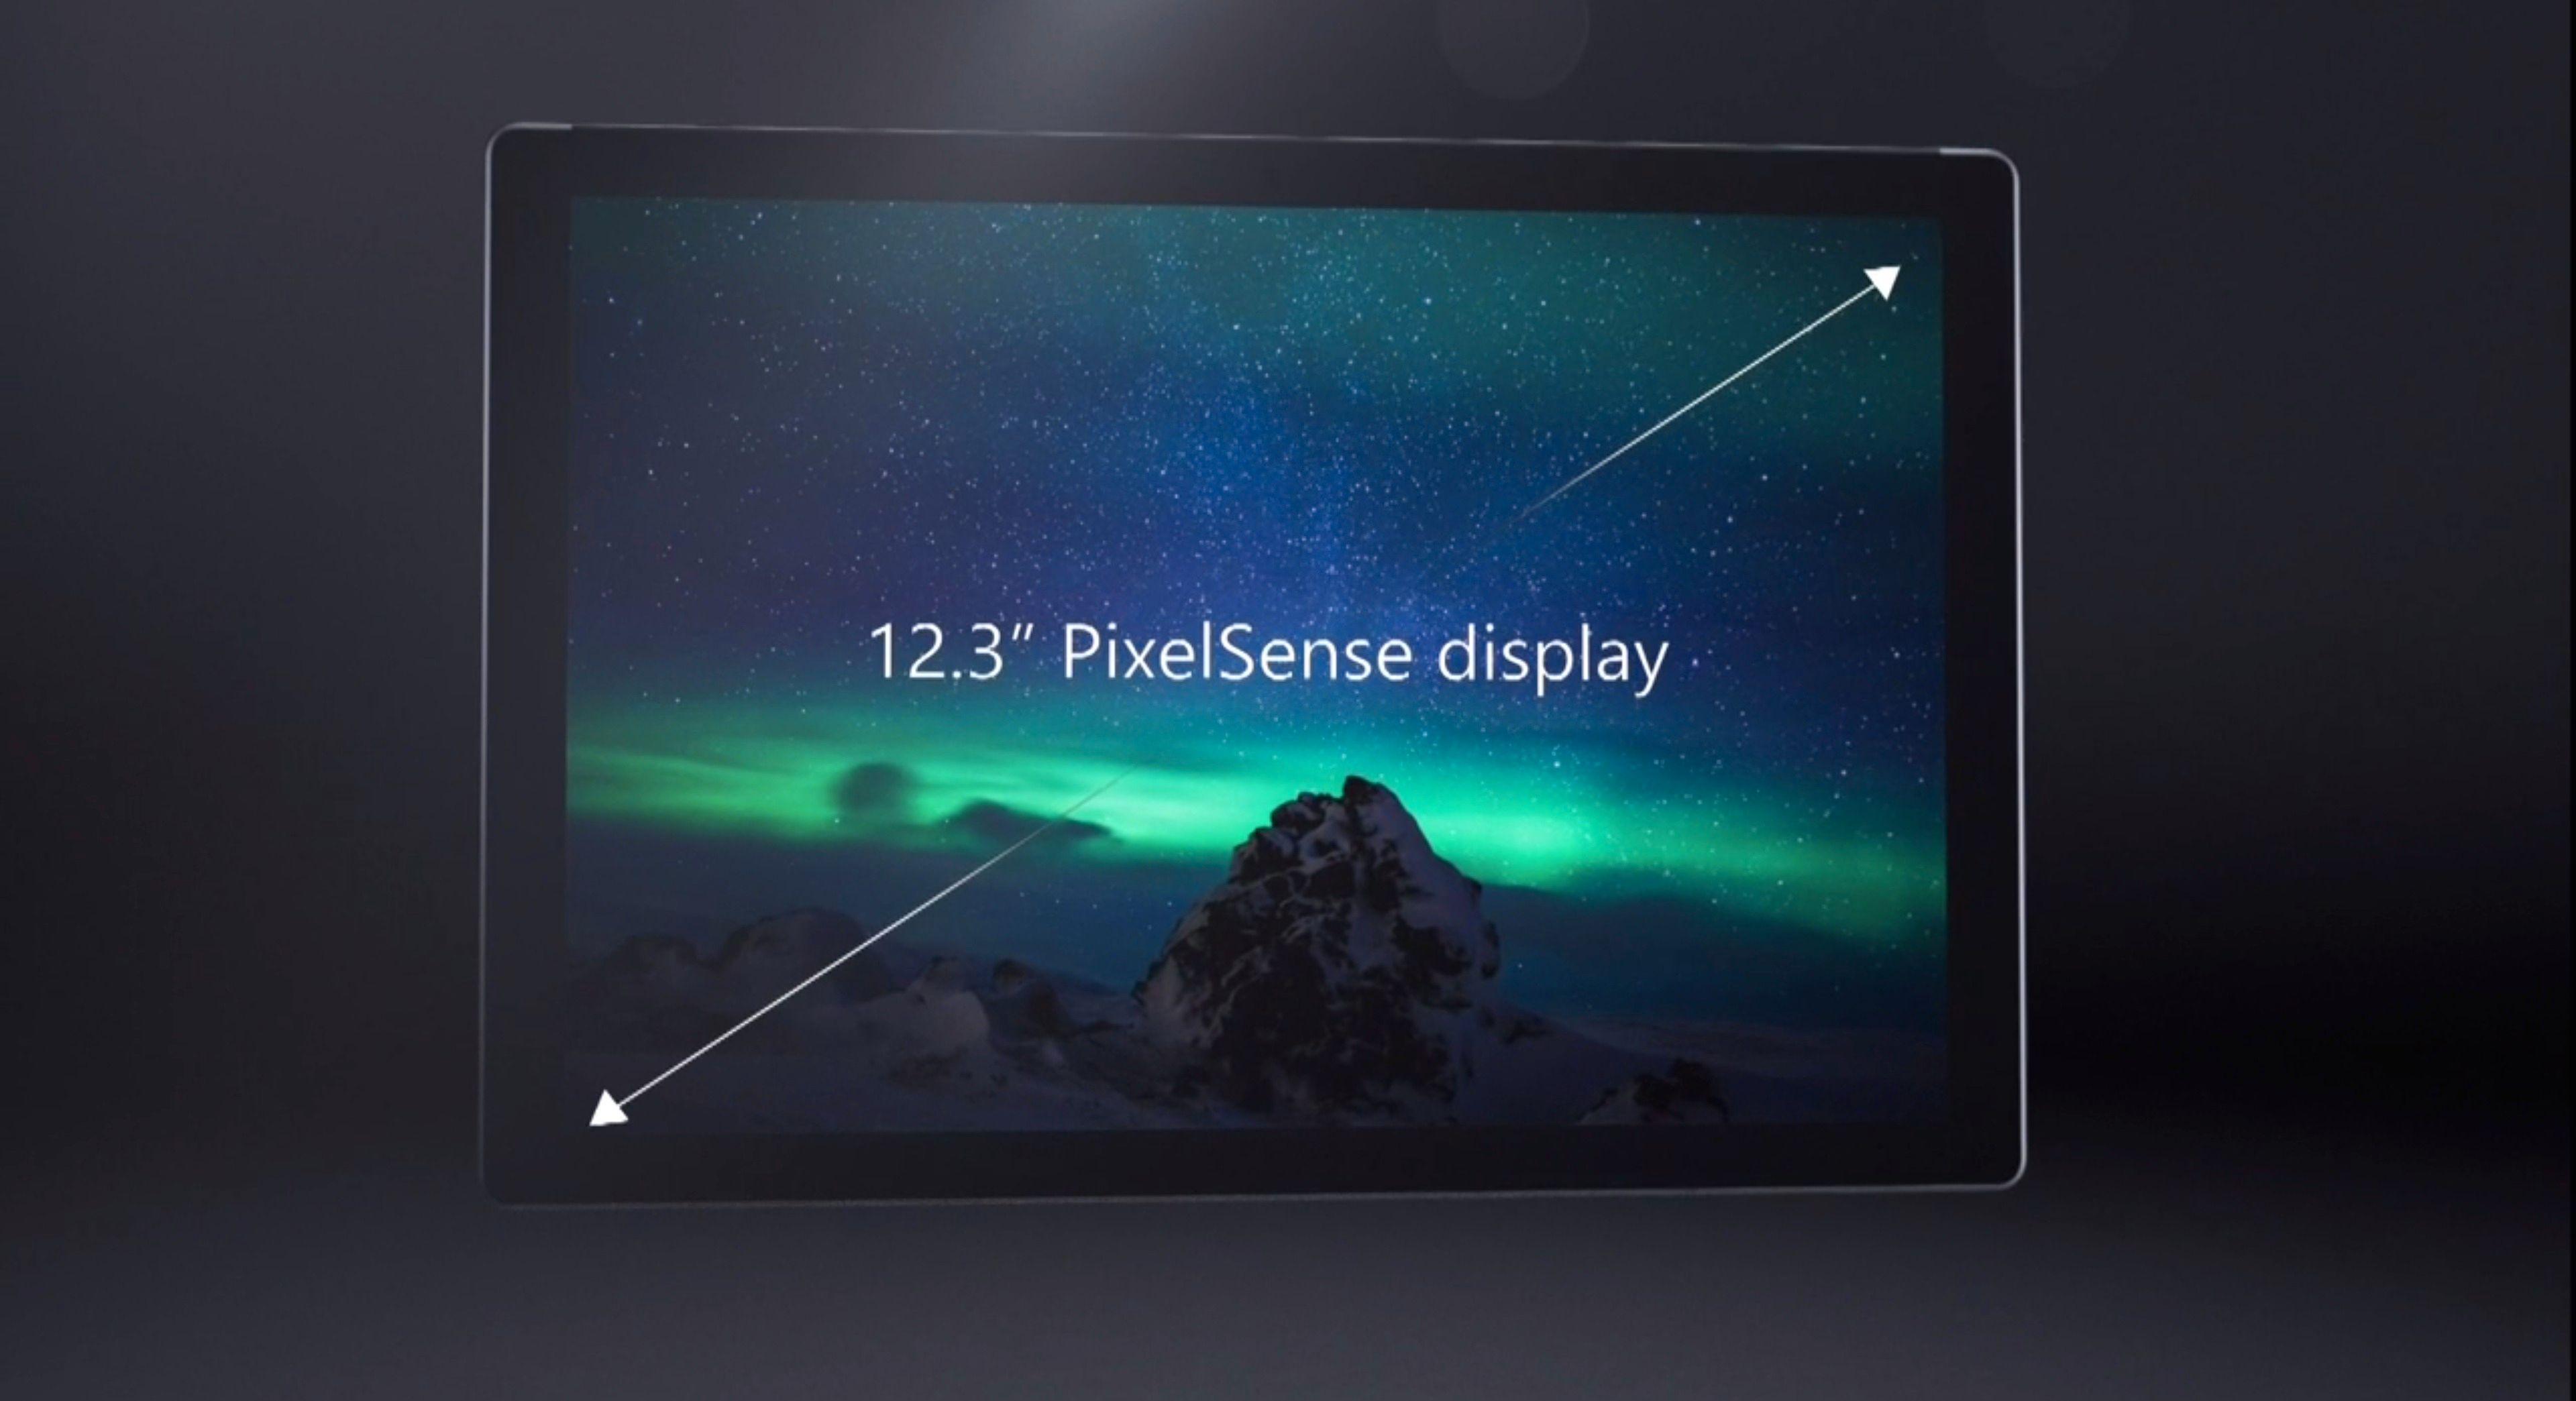 Større skjerm, samme fotavtrykk. Foto: Microsoft, skjermdump fra video